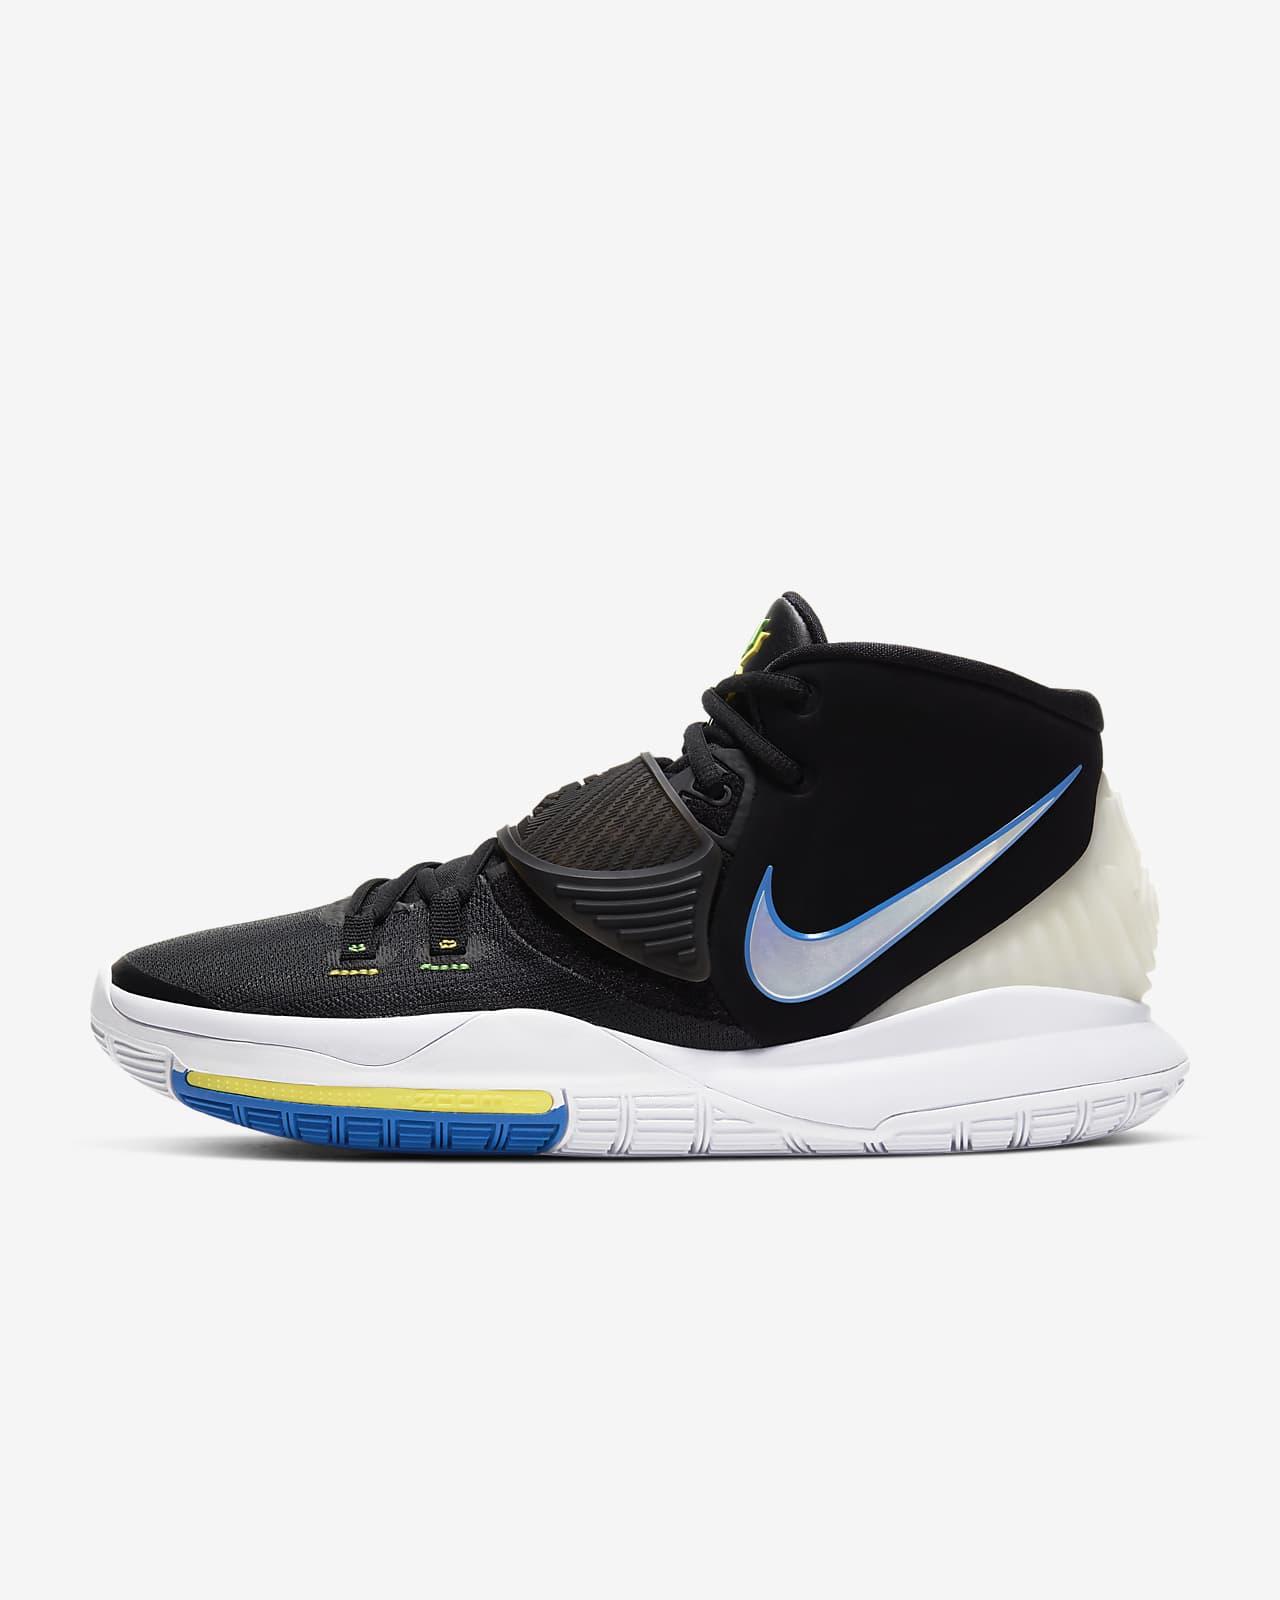 Kyrie 6 EP 籃球鞋